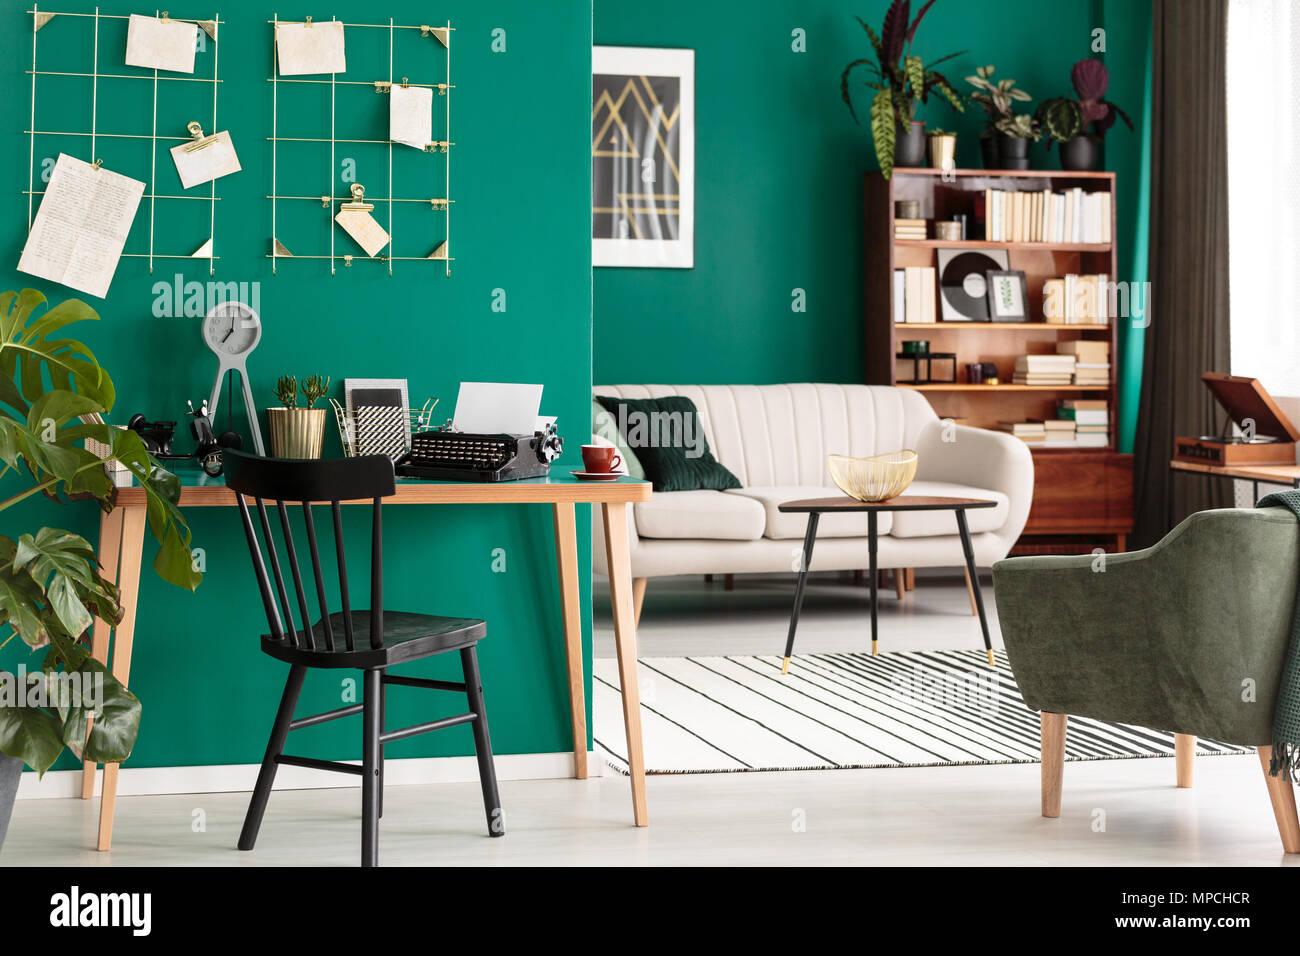 Negro en silla de escritorio de madera en el interior de espacios verdes con sillón y sofá Imagen De Stock